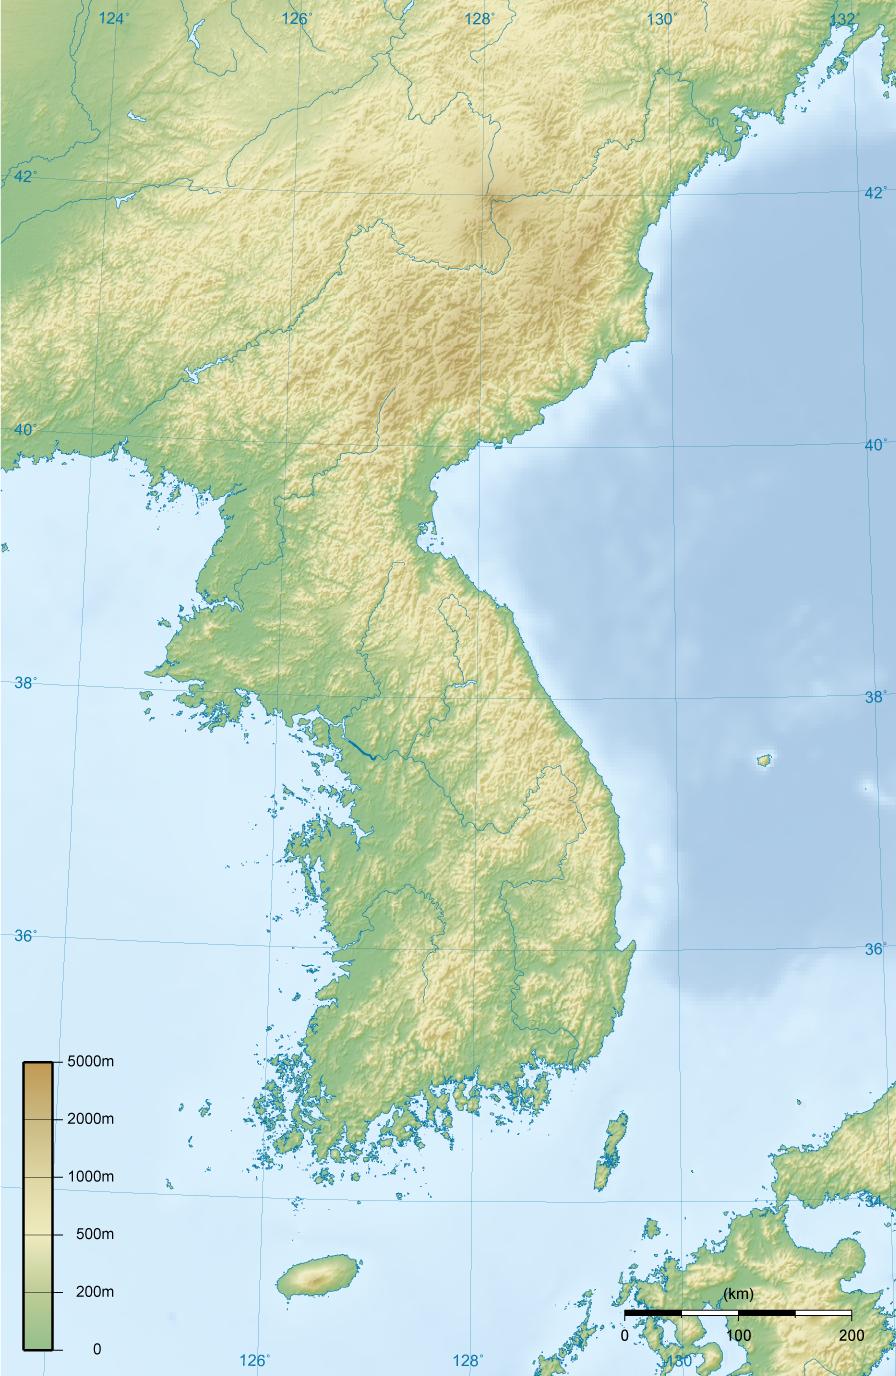 Korean Peninsula topographic map